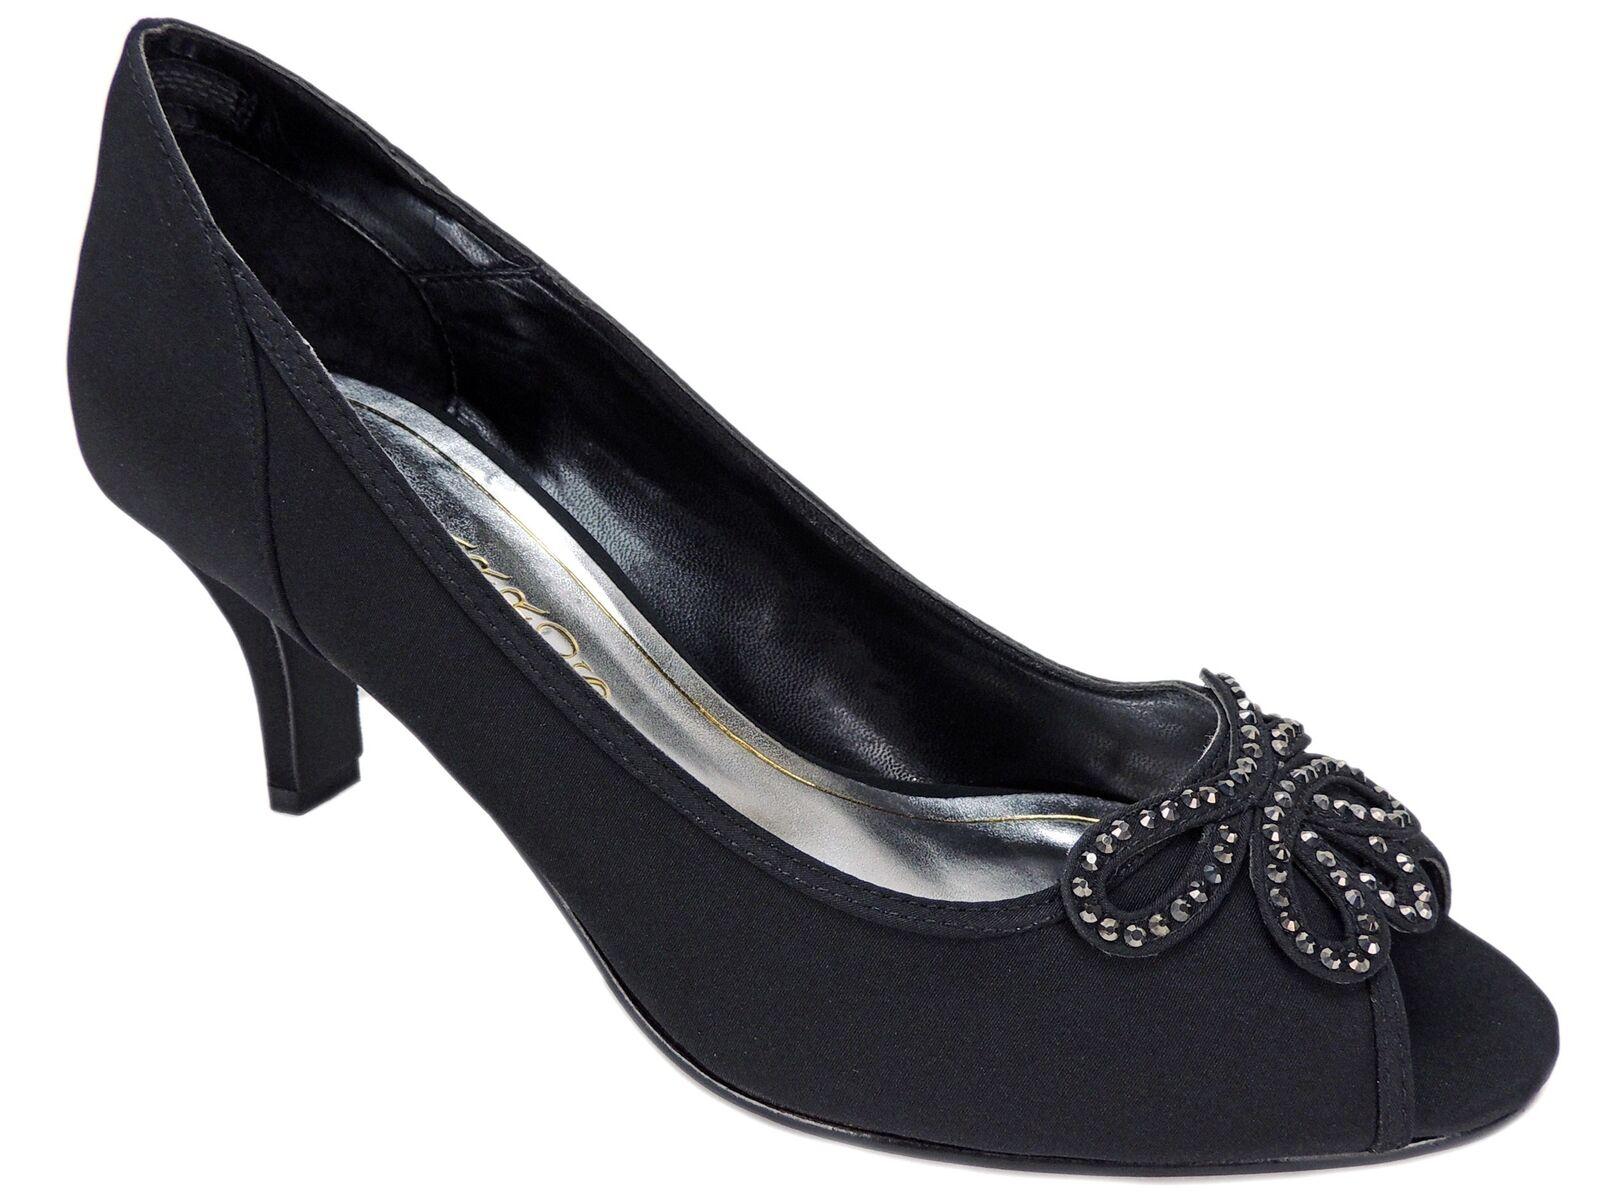 Caparros Women's Watsons Evening Pumps Black Faille Size 8.5 M